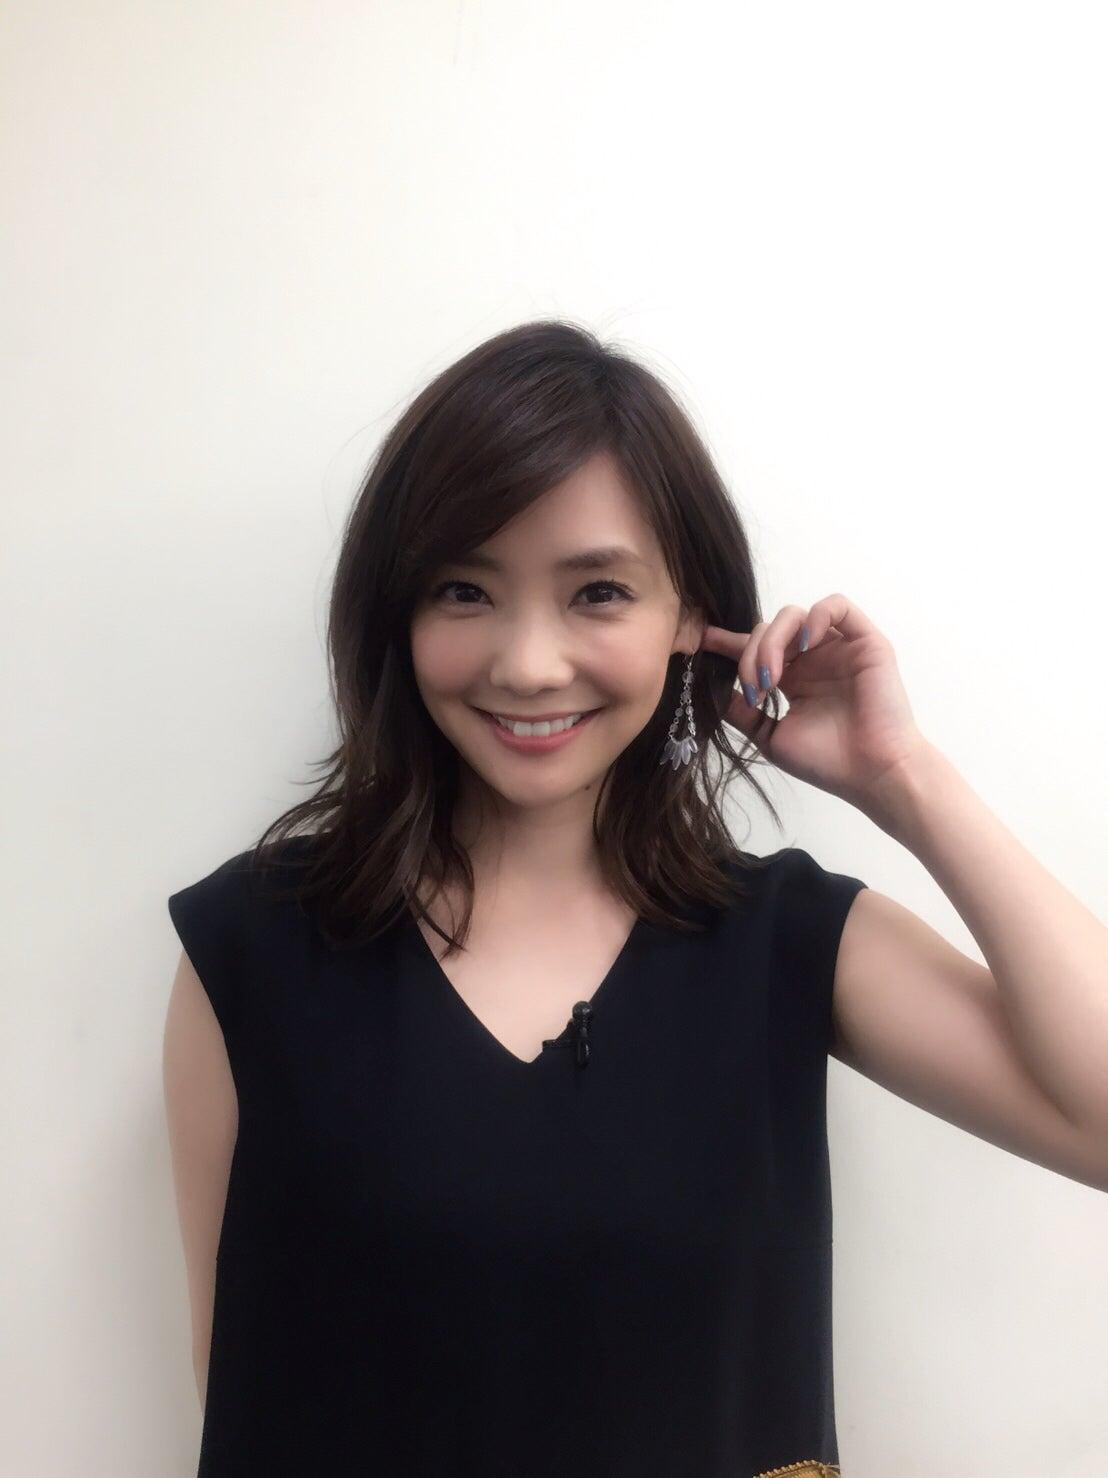 倉科カナ 倉科カナ オフィシャルブログ Powered by Ameba